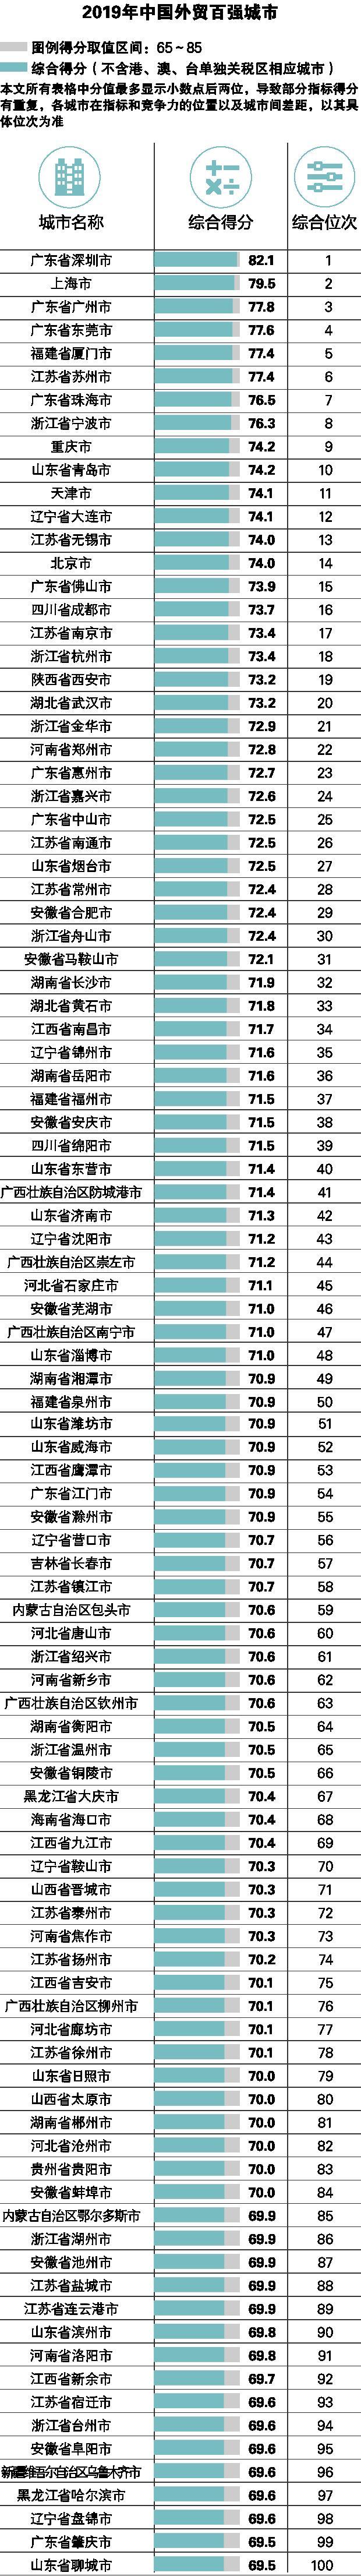 外贸百强城市出炉:广东独占十强四席 深圳连续13年霸榜